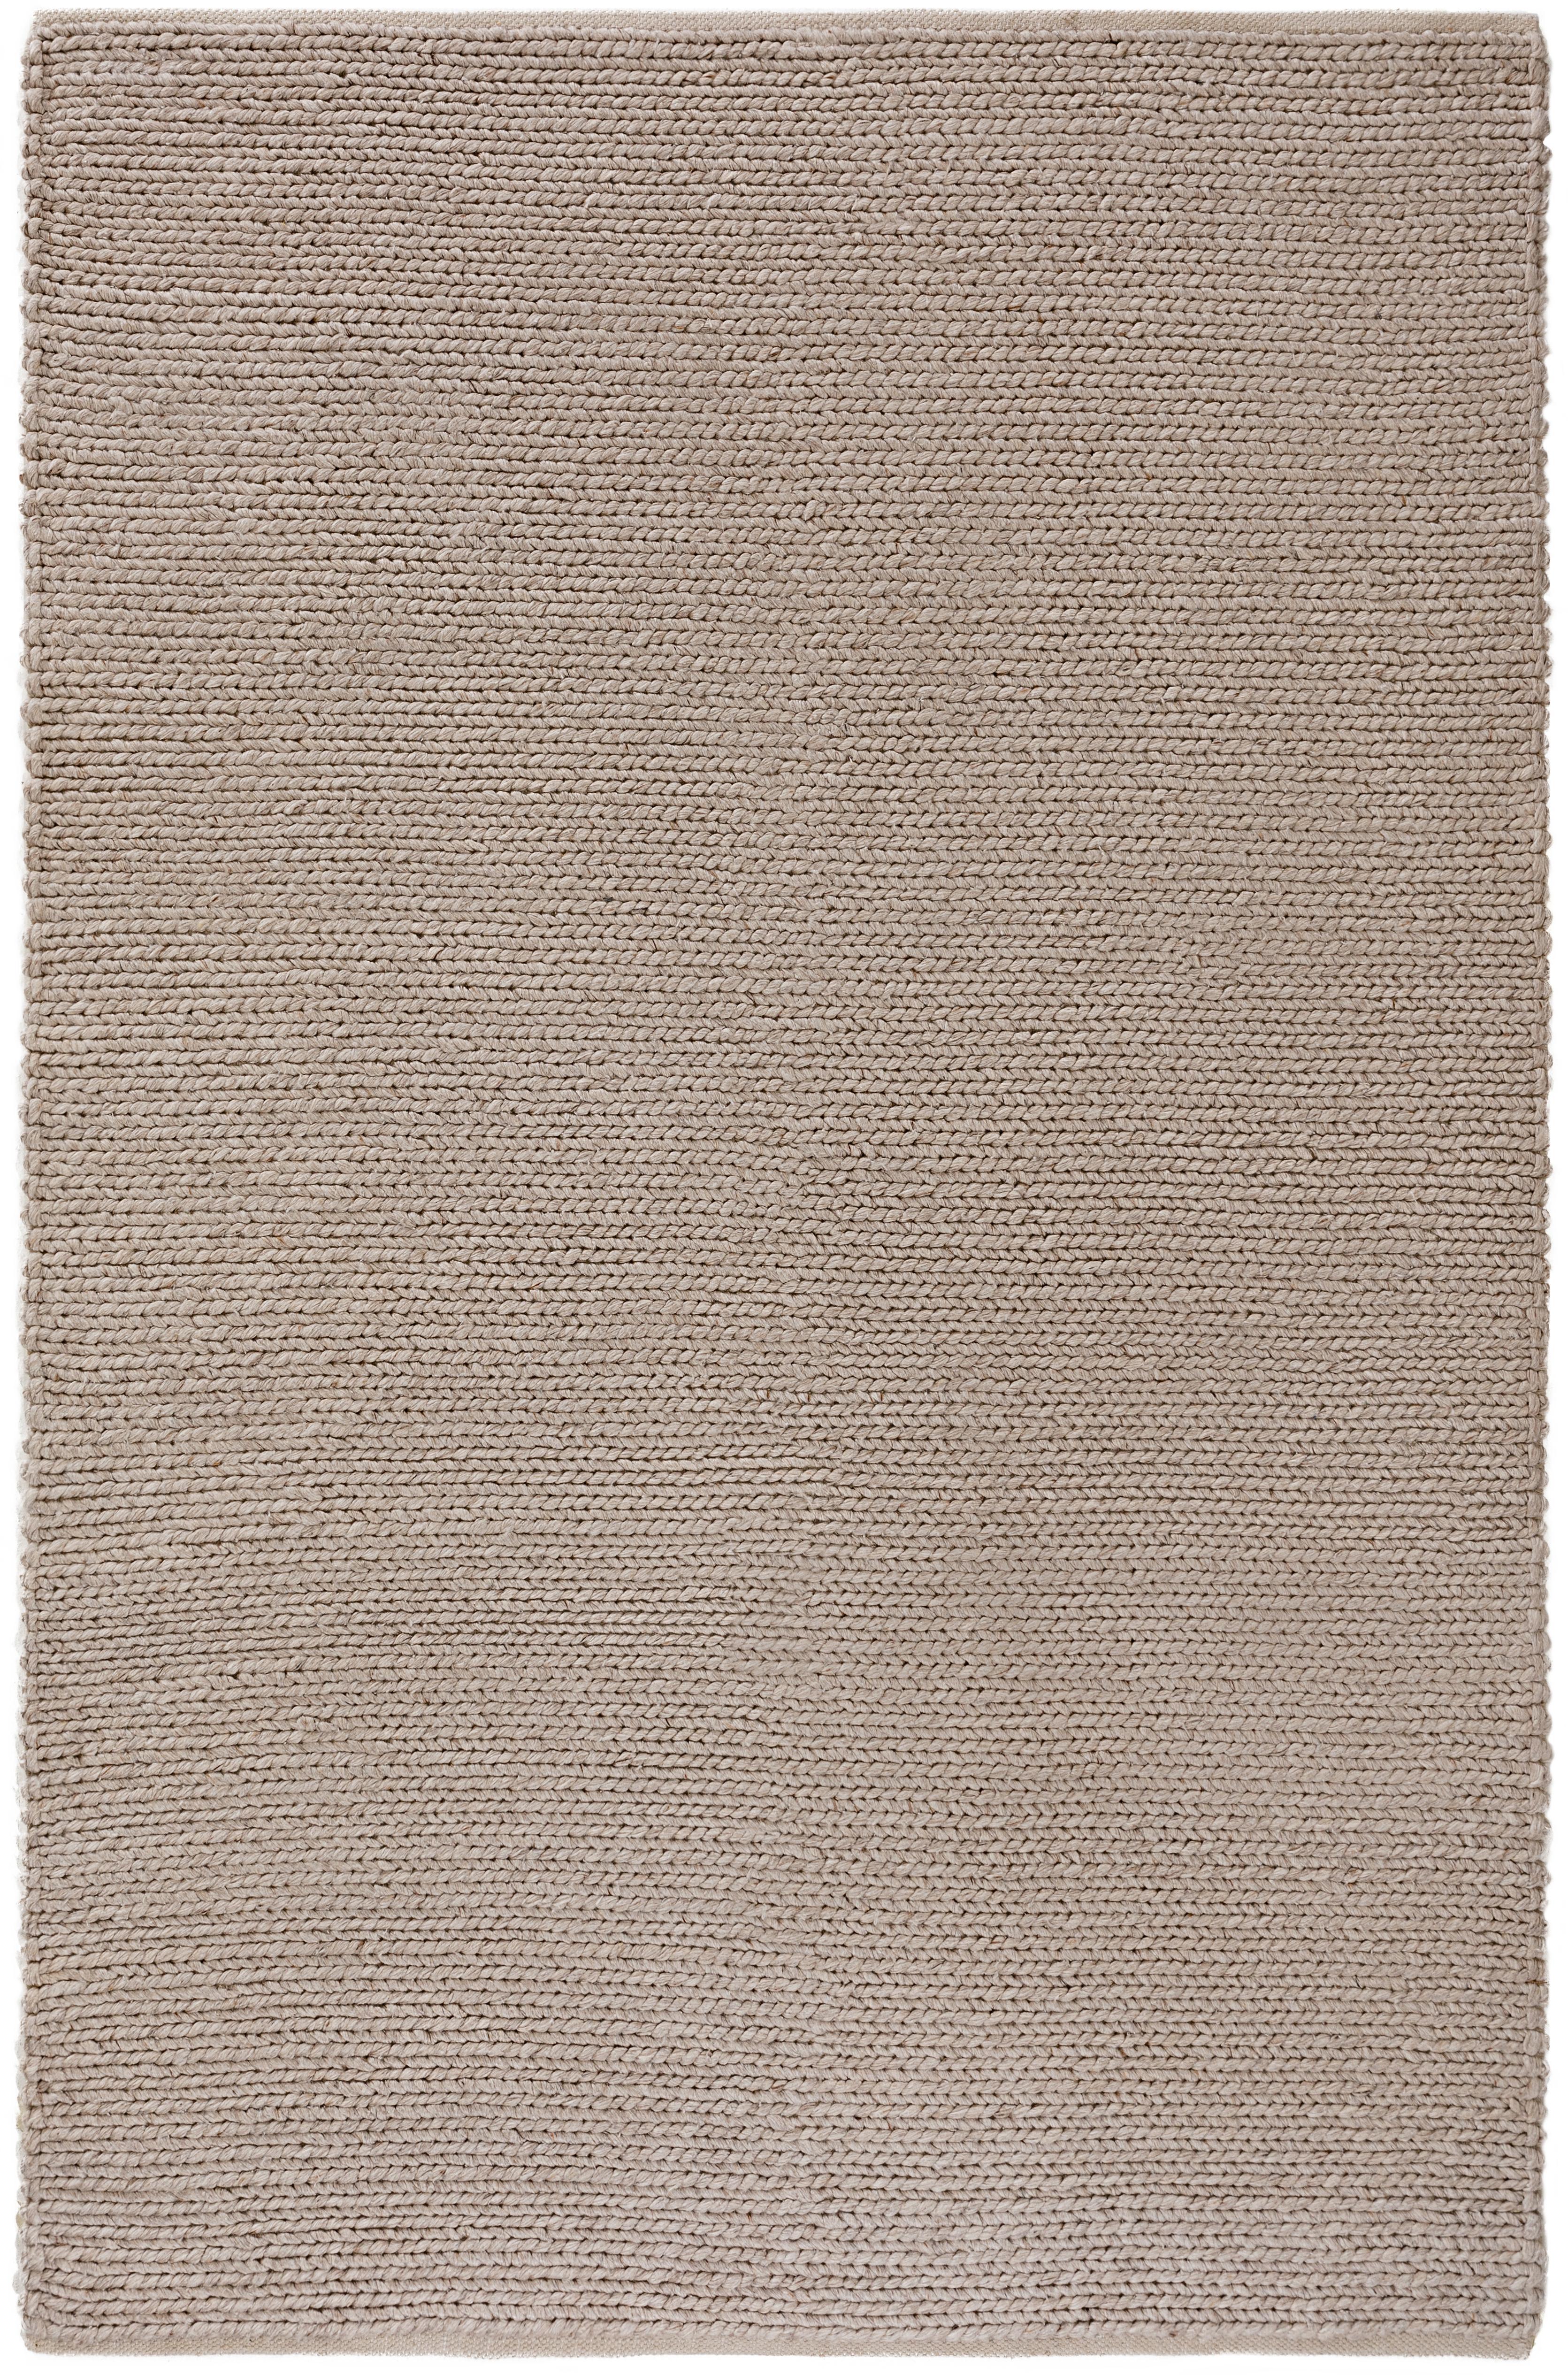 Handgewebter Wollteppich Uno in Taupe mit geflochtener Struktur, Flor: 60% Wolle, 40% Polyester, Taupe, B 160 x L 230 cm (Größe M)